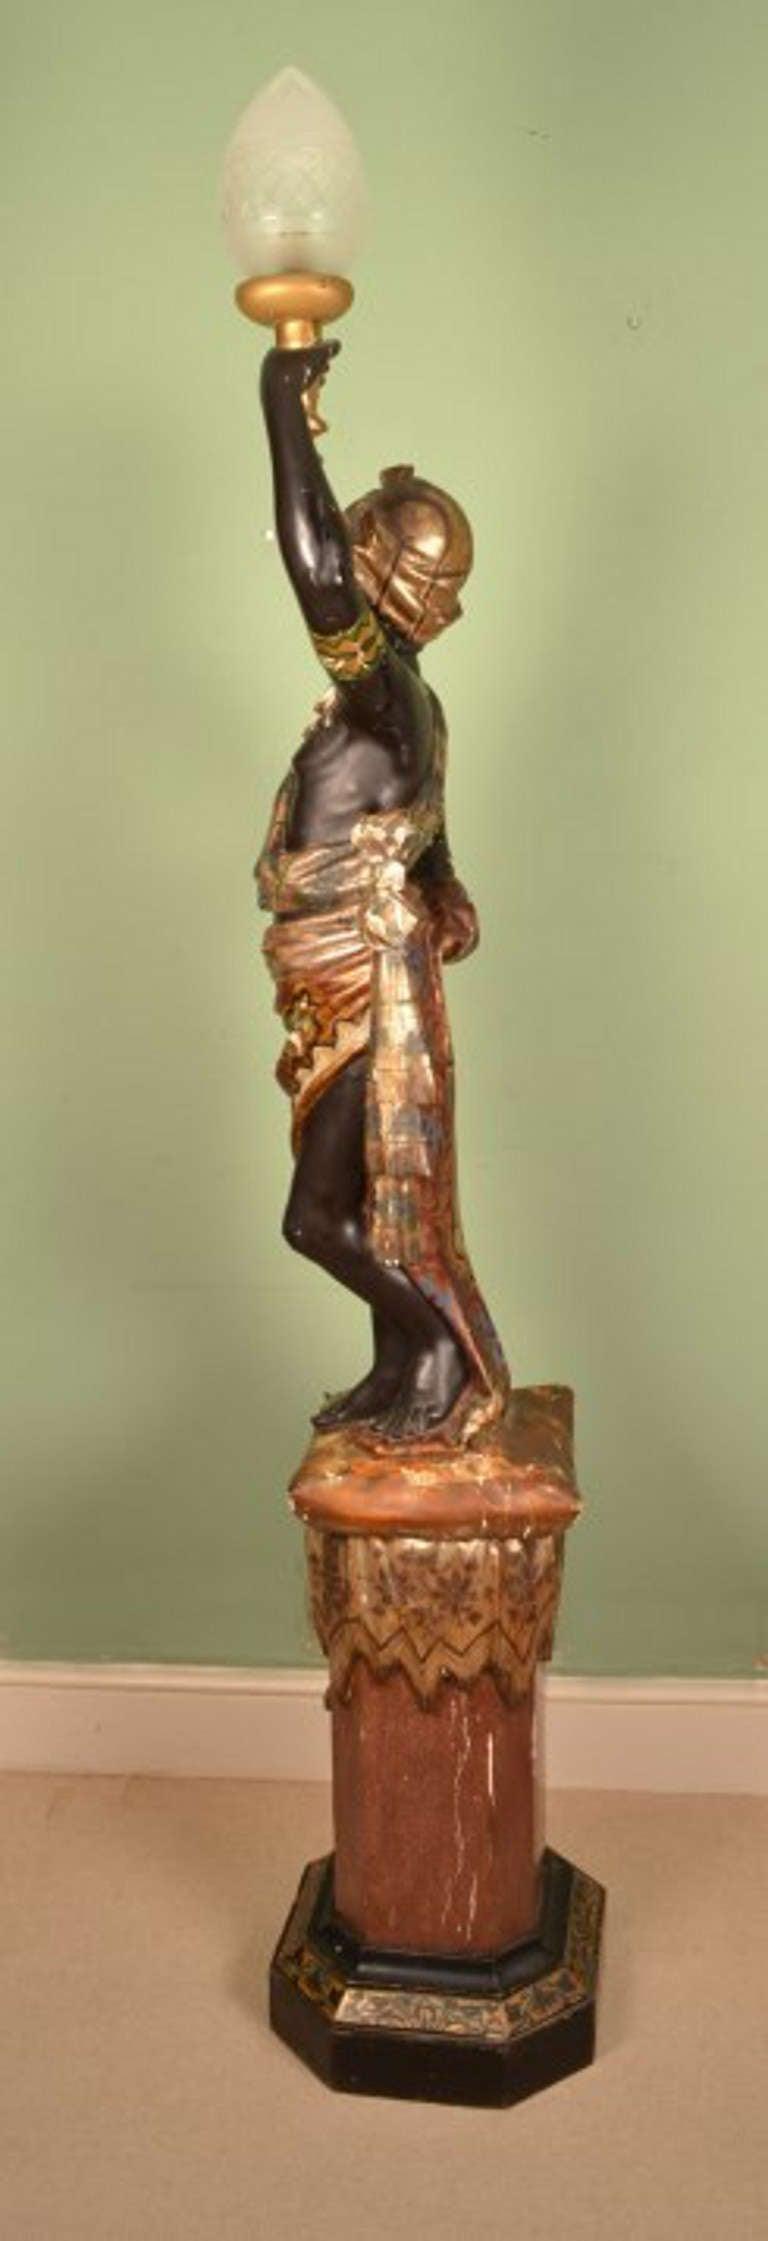 Antique Venetian Blackamoor Torchiere Lamp C 1860 At 1stdibs